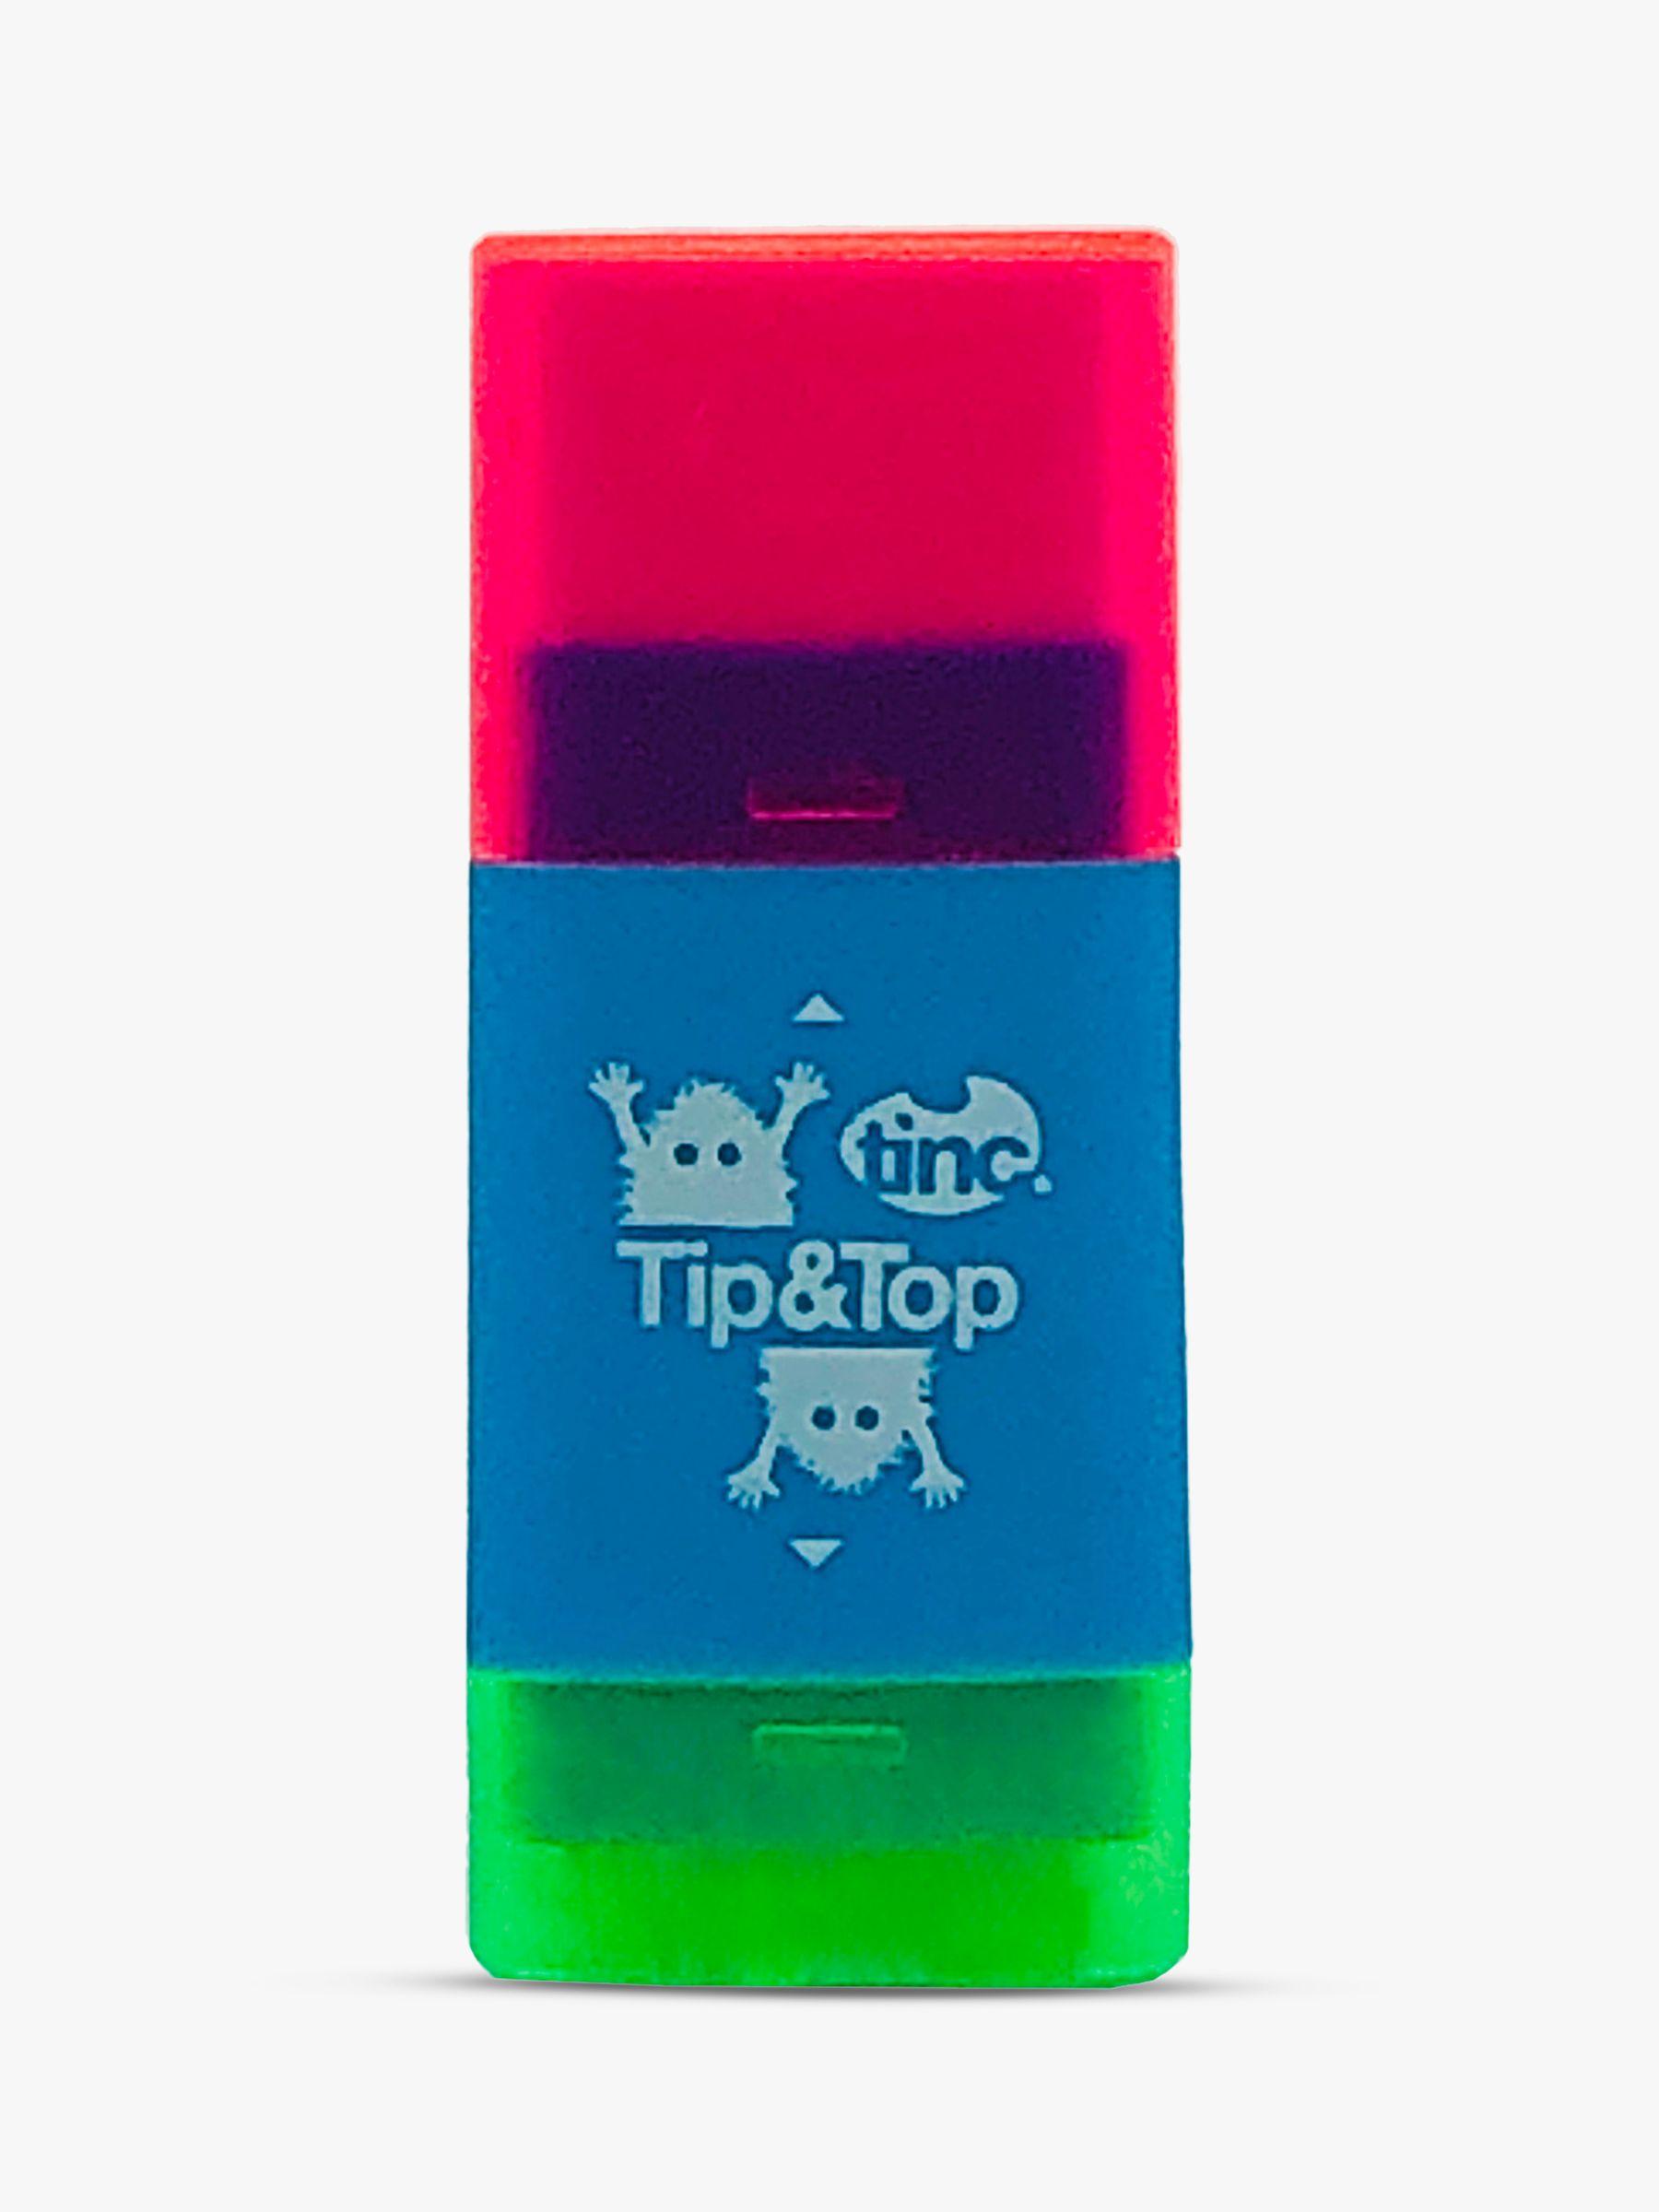 Tinc Tinc Tip n Top Eraser & Sharpener